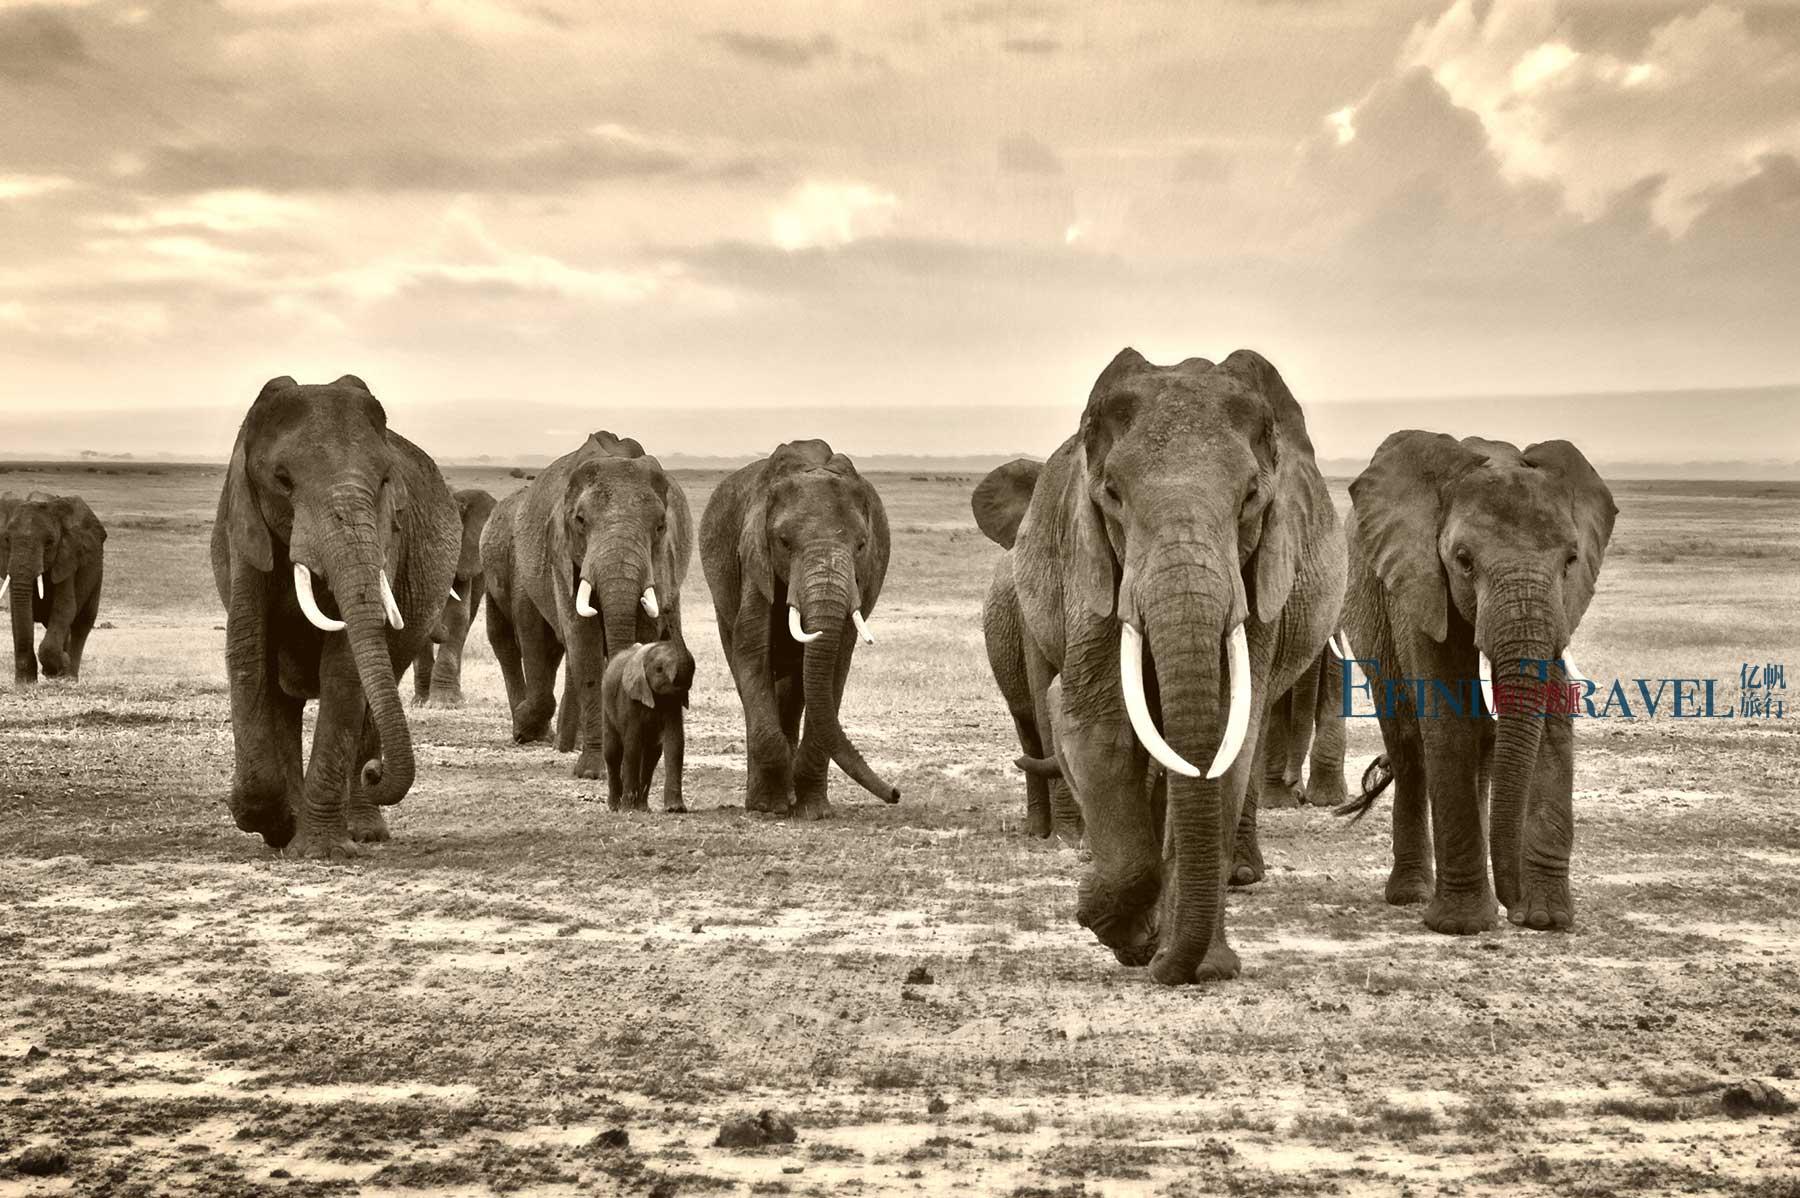 坦桑尼亚大象